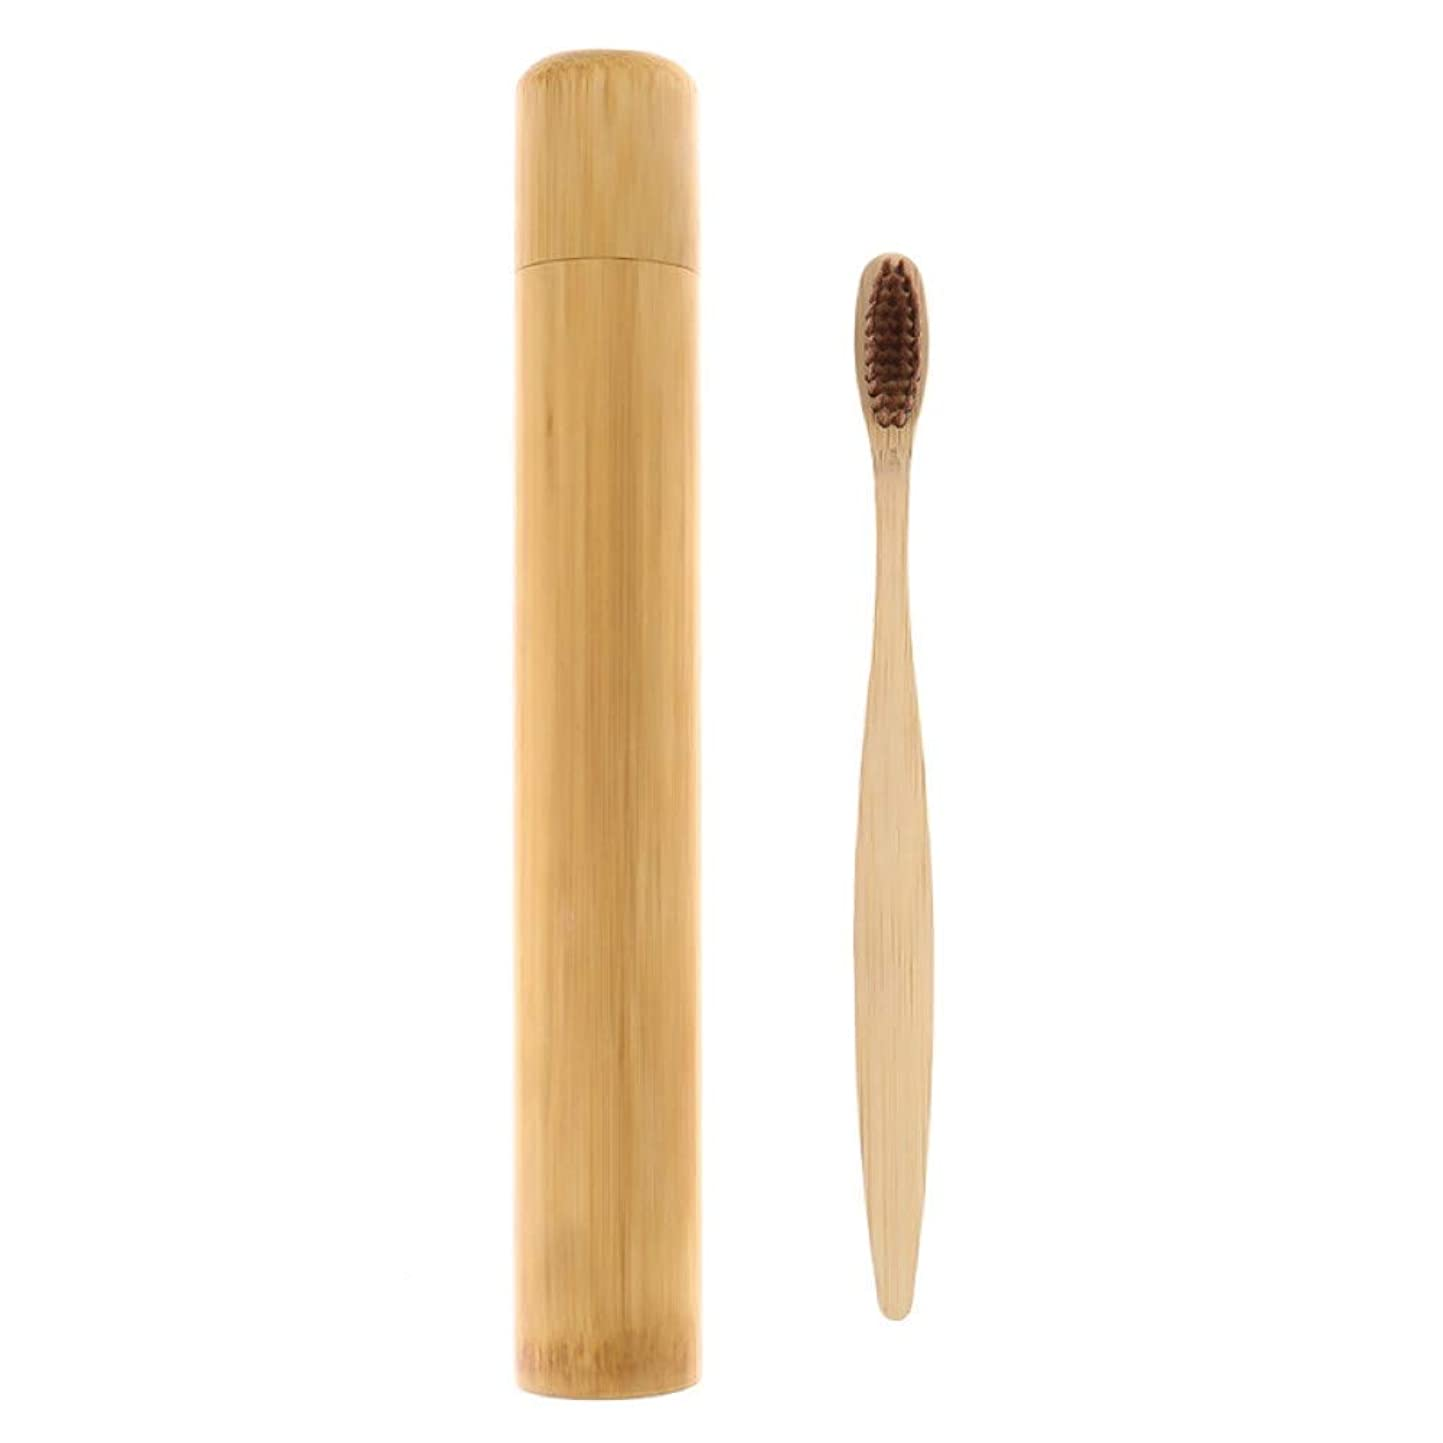 排泄するかもめ名前を作る竹の歯ブラシフレンドリーな柔らかい毛竹繊維木製ハンドル竹歯ブラシチューブポータブルオーラルケアセット、